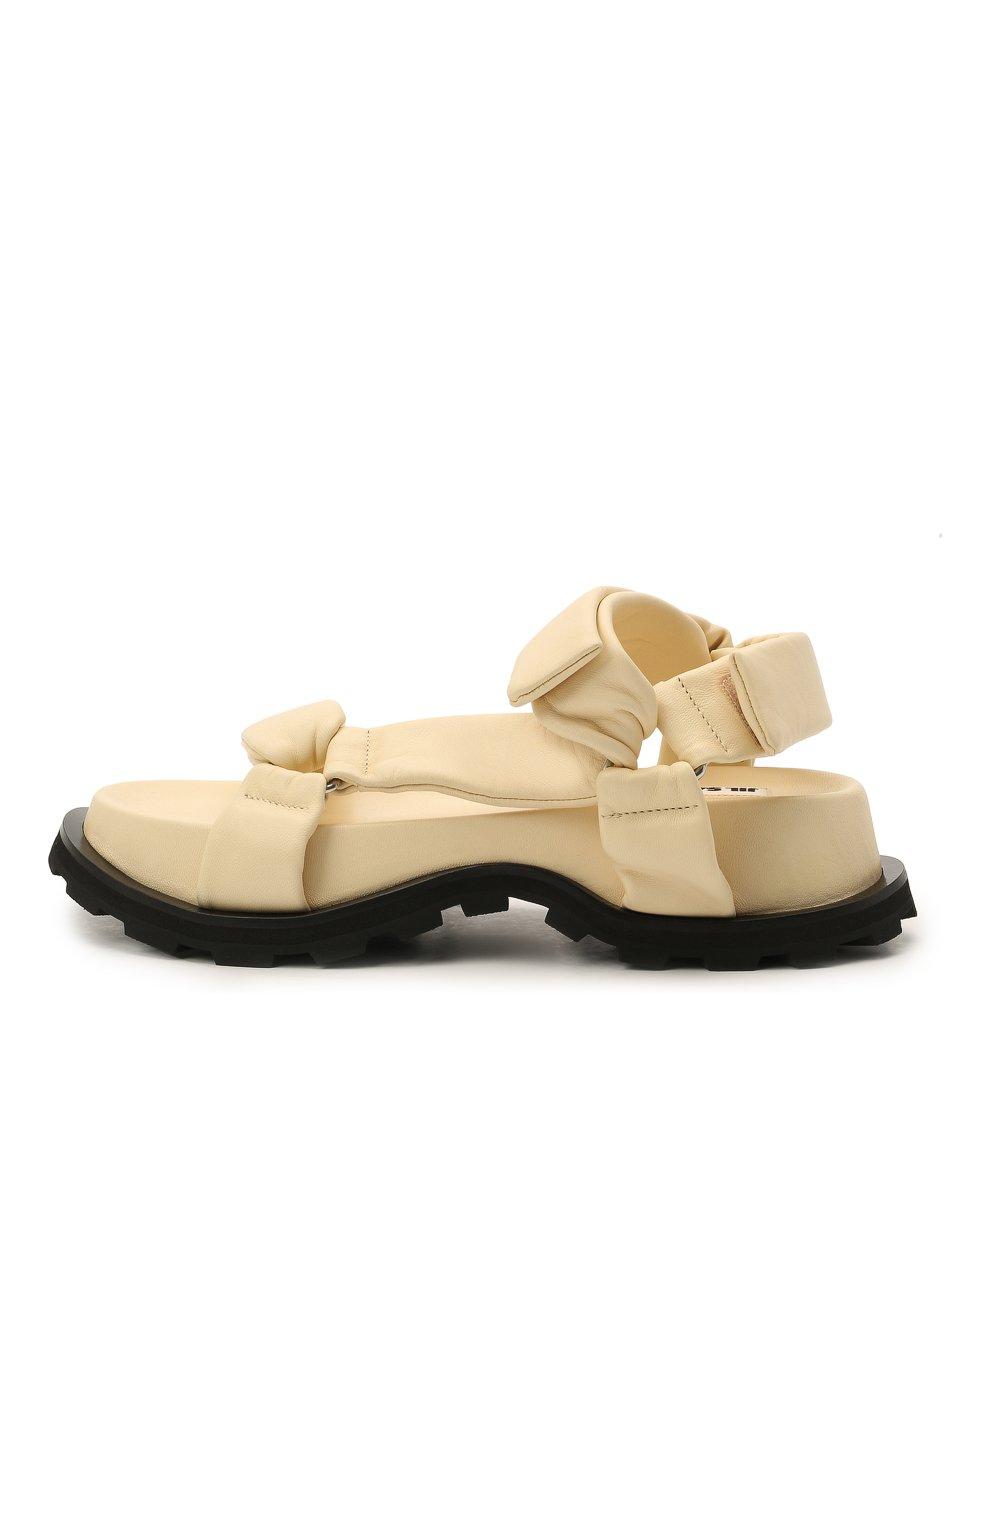 Женские кожаные сандалии JIL SANDER бежевого цвета, арт. JS36045A-13010   Фото 3 (Подошва: Платформа; Каблук высота: Низкий; Материал внутренний: Натуральная кожа)